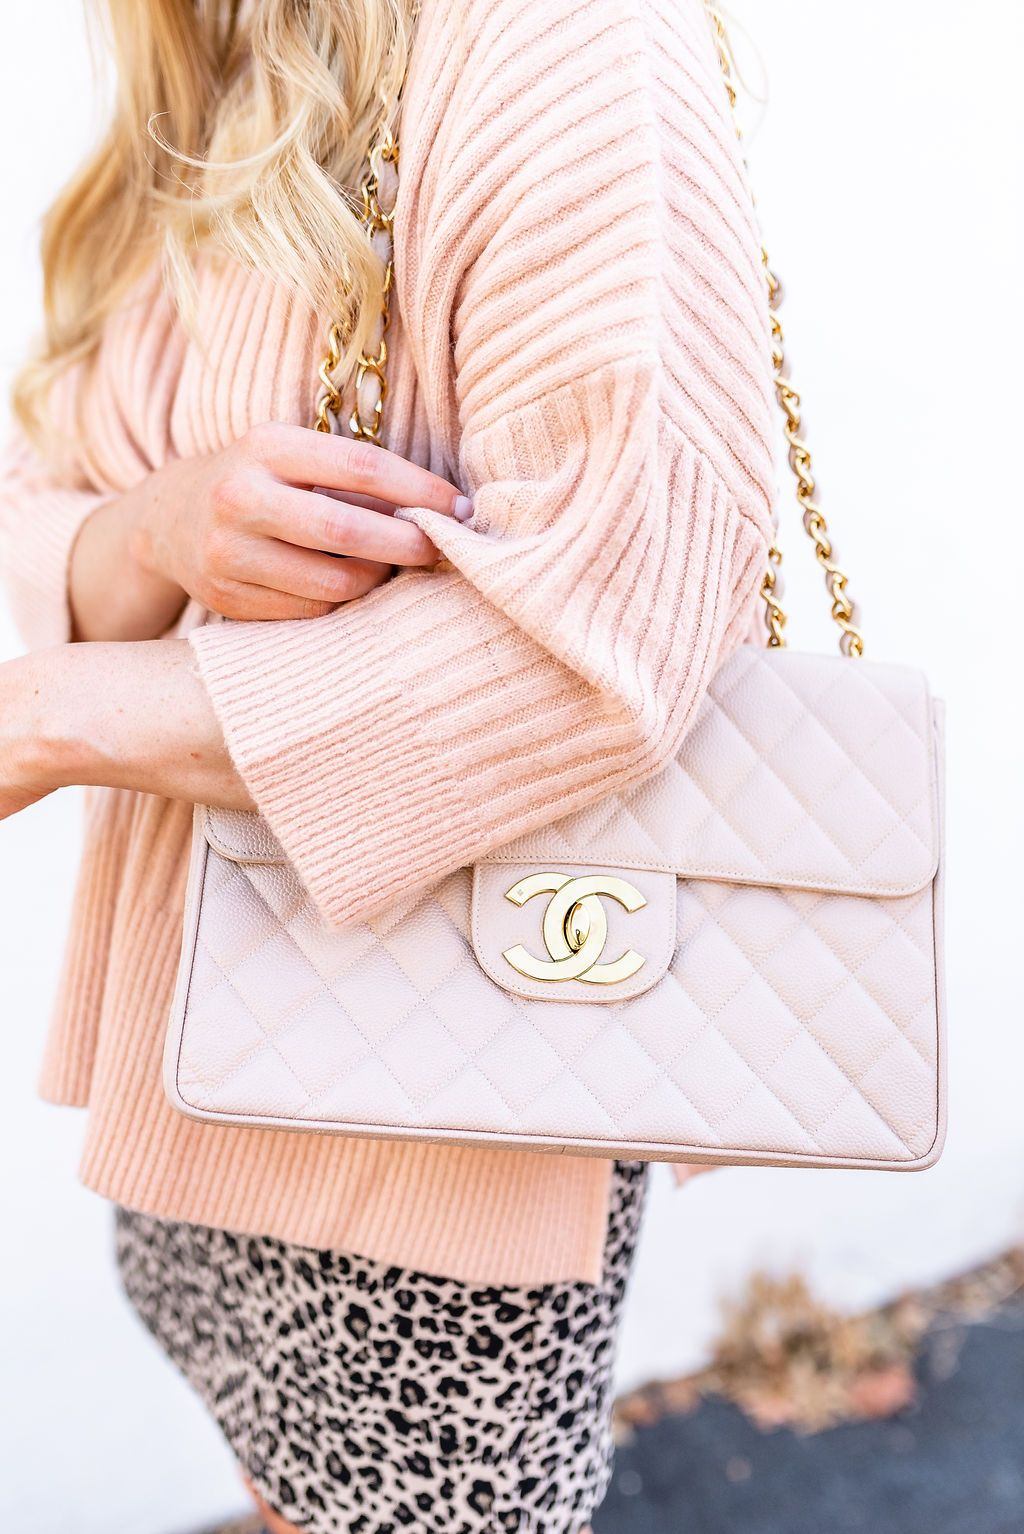 Why I Love Preloved Designer Handbags Ebay Shopping Tips Strawberry Chic Womens Designer Bags Celebrity Handbags Ebay Shopping